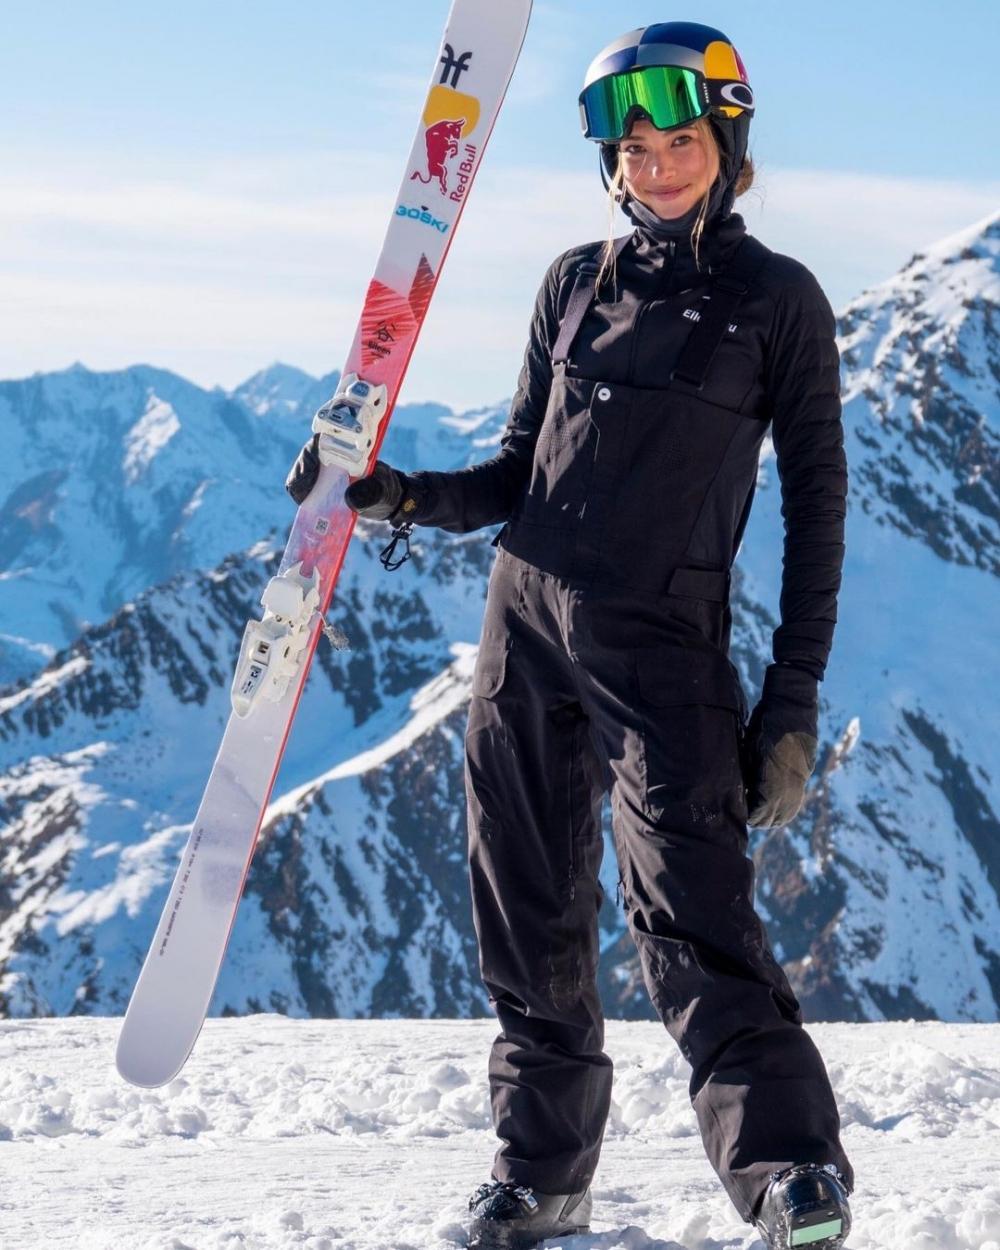 「滑雪小天后」冬奧選手谷愛凌